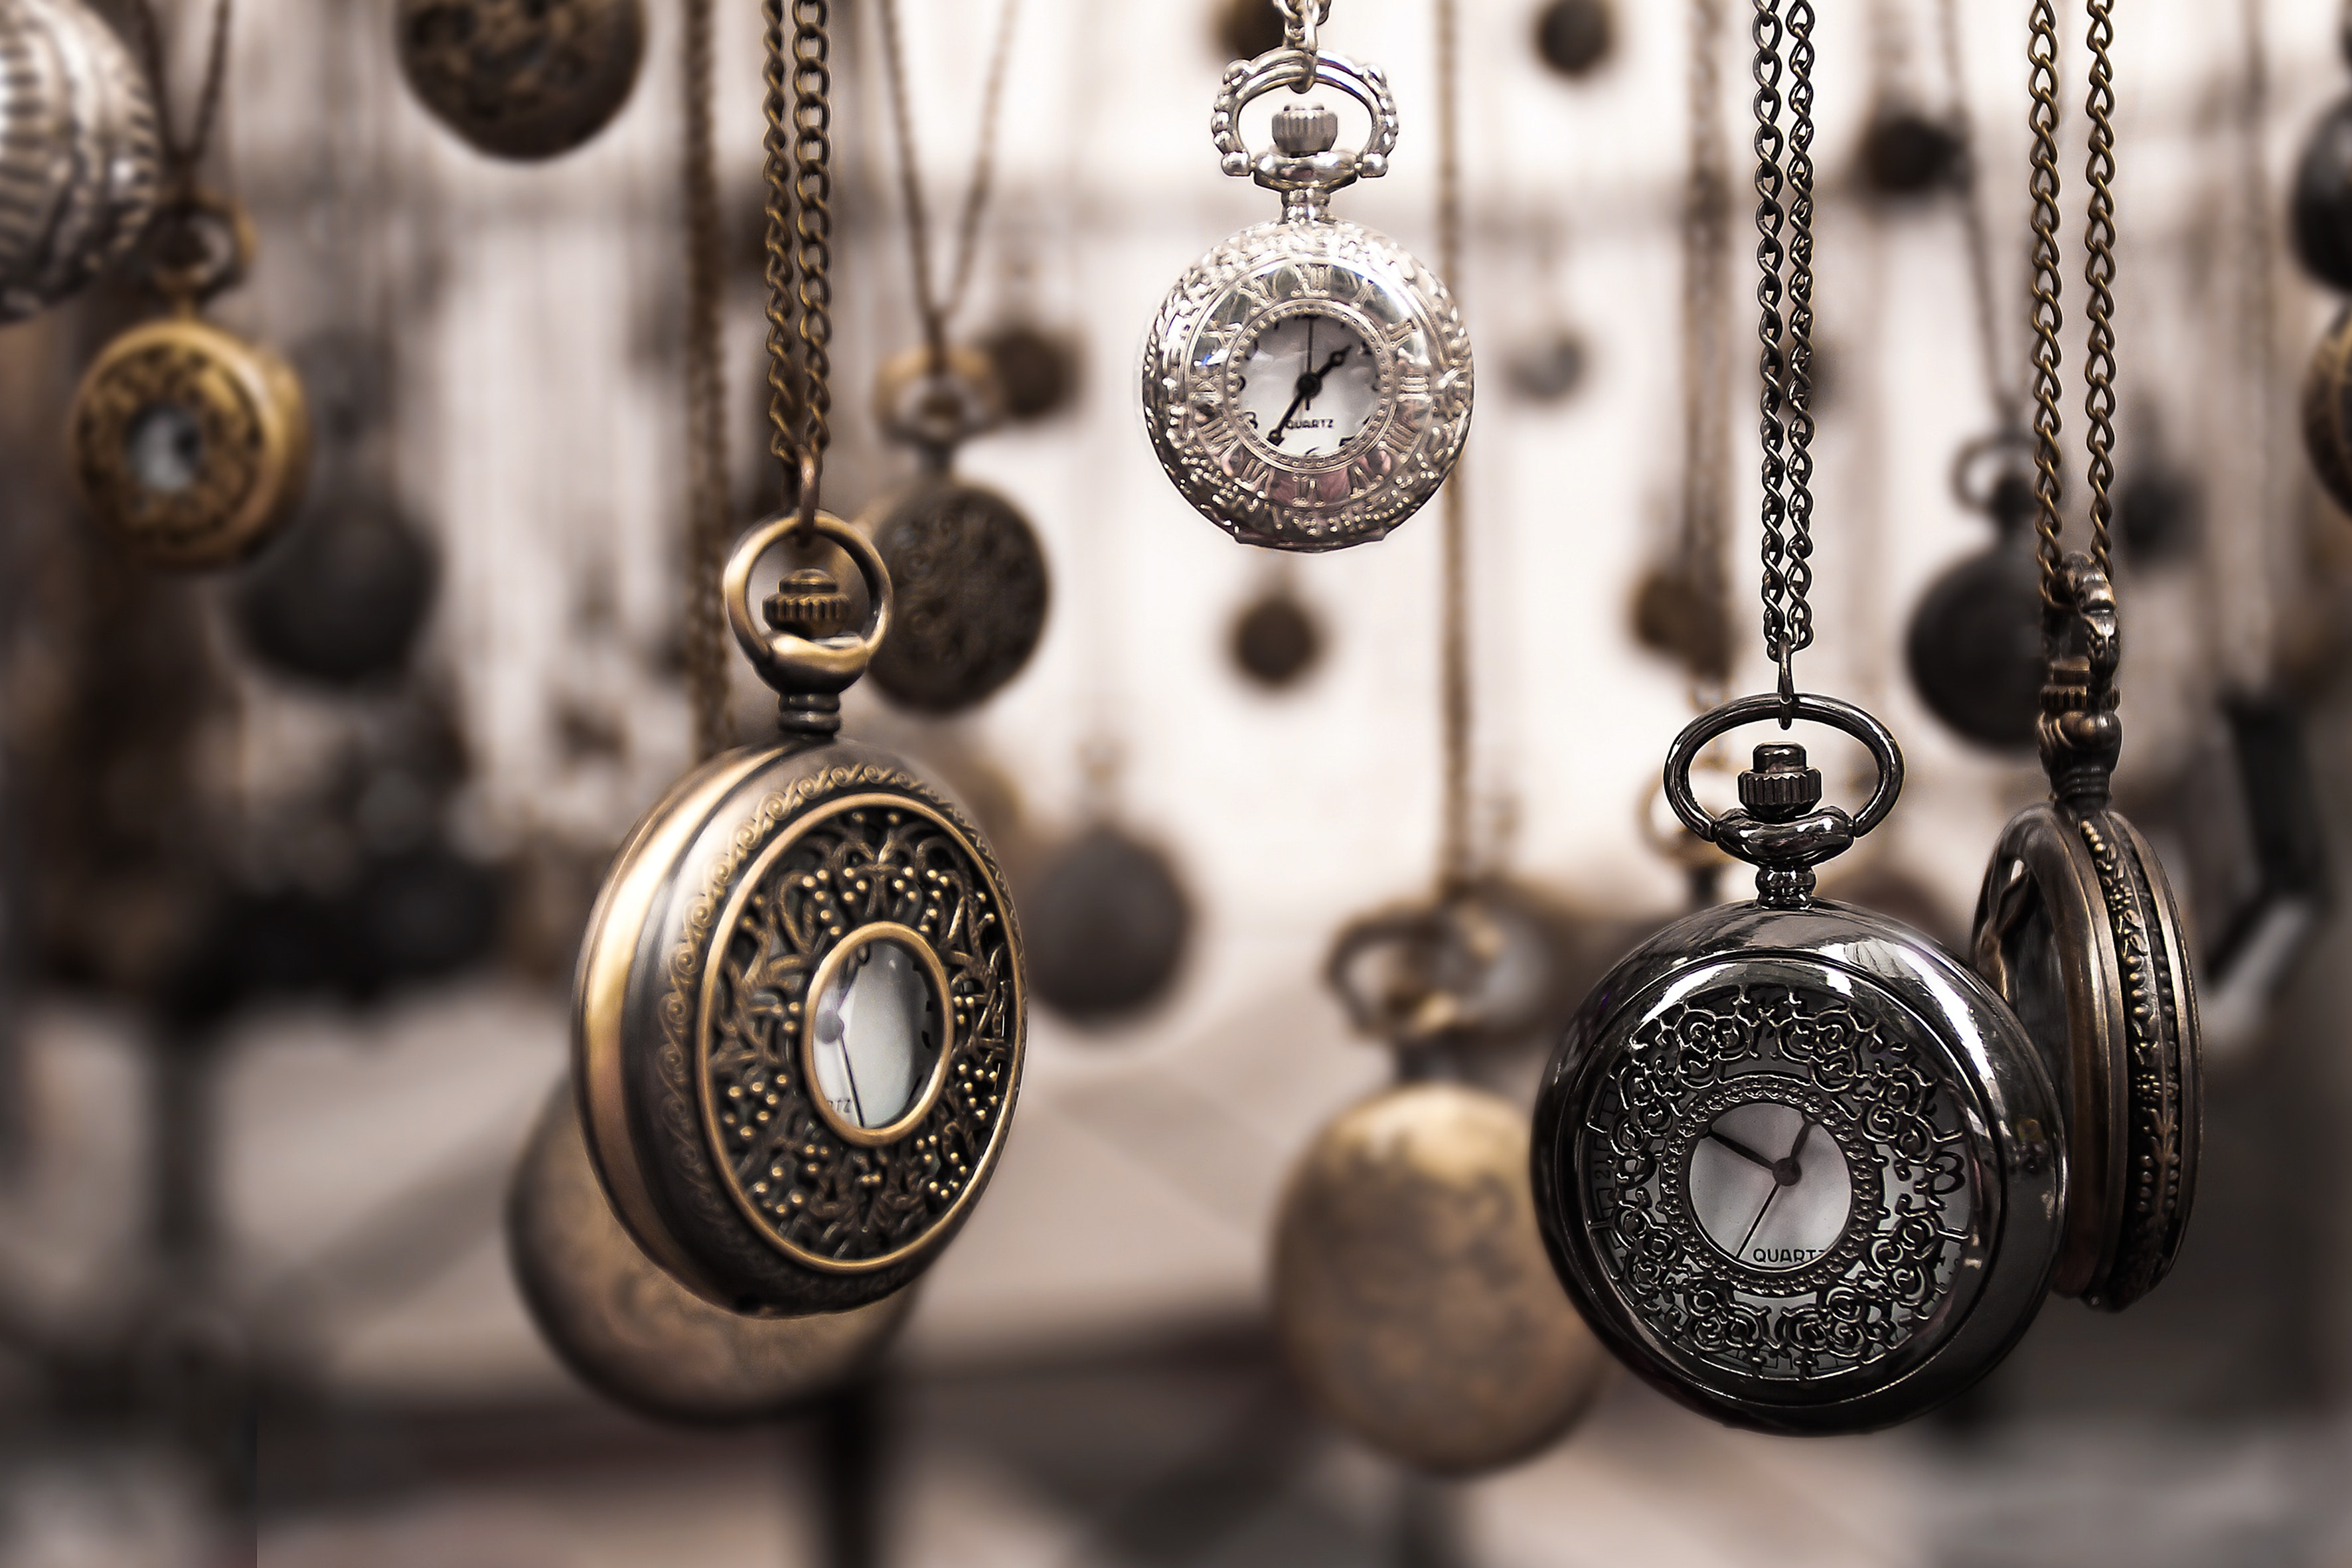 Viele frei hängende alte Taschenuhren